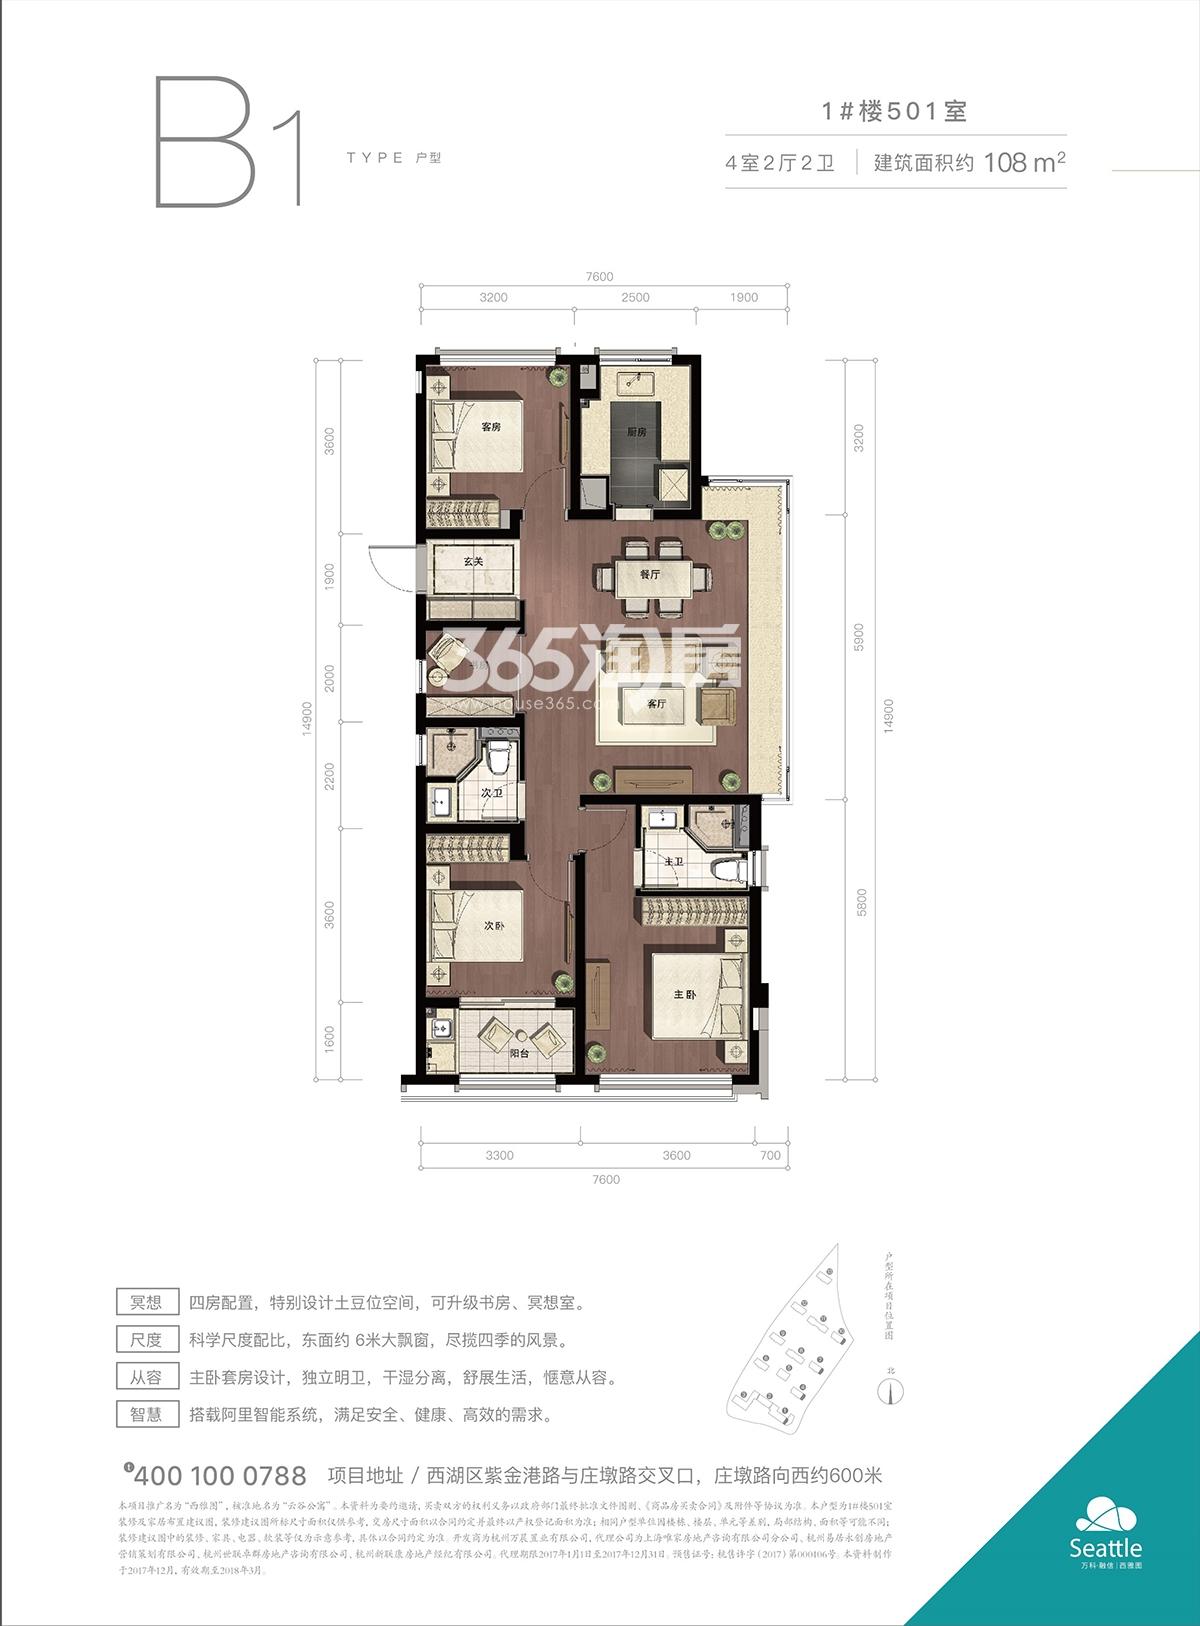 万科融信西雅图1、4、7、10号楼B1户型(108方东边套)